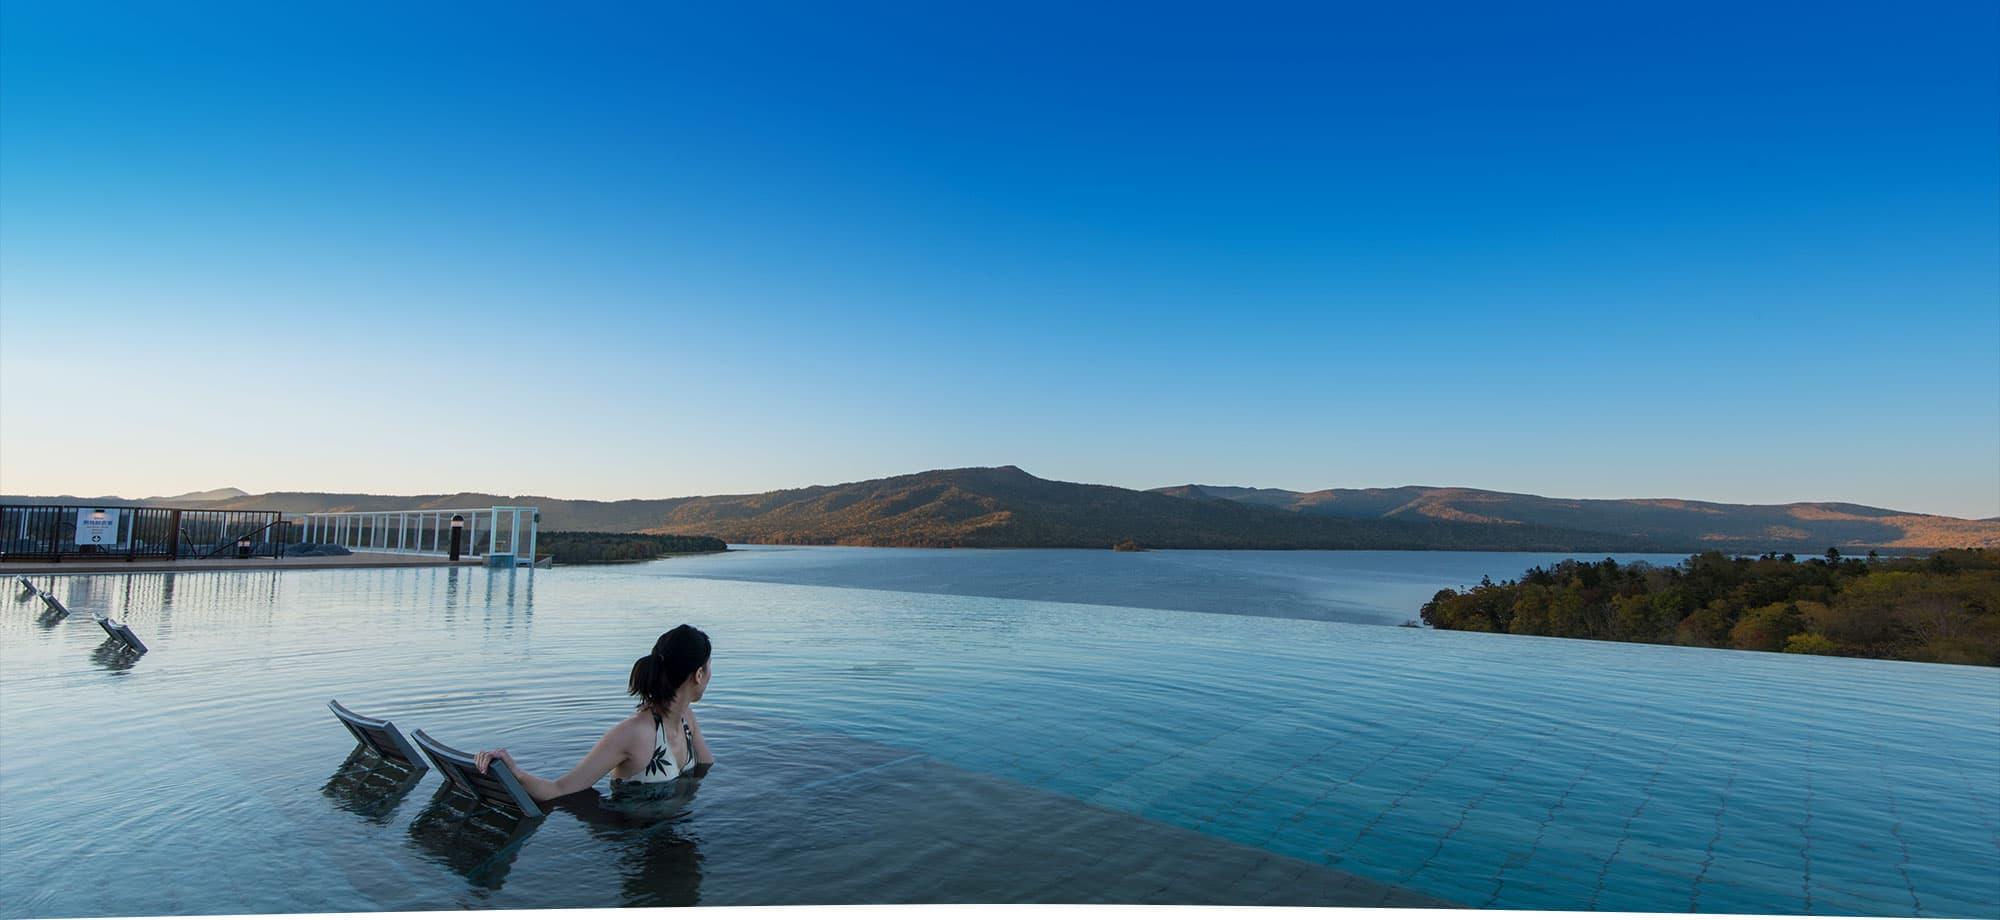 뉴 아칸 호텔 아칸의 대자연과 하나가 되는 숲과 호수의 리조트